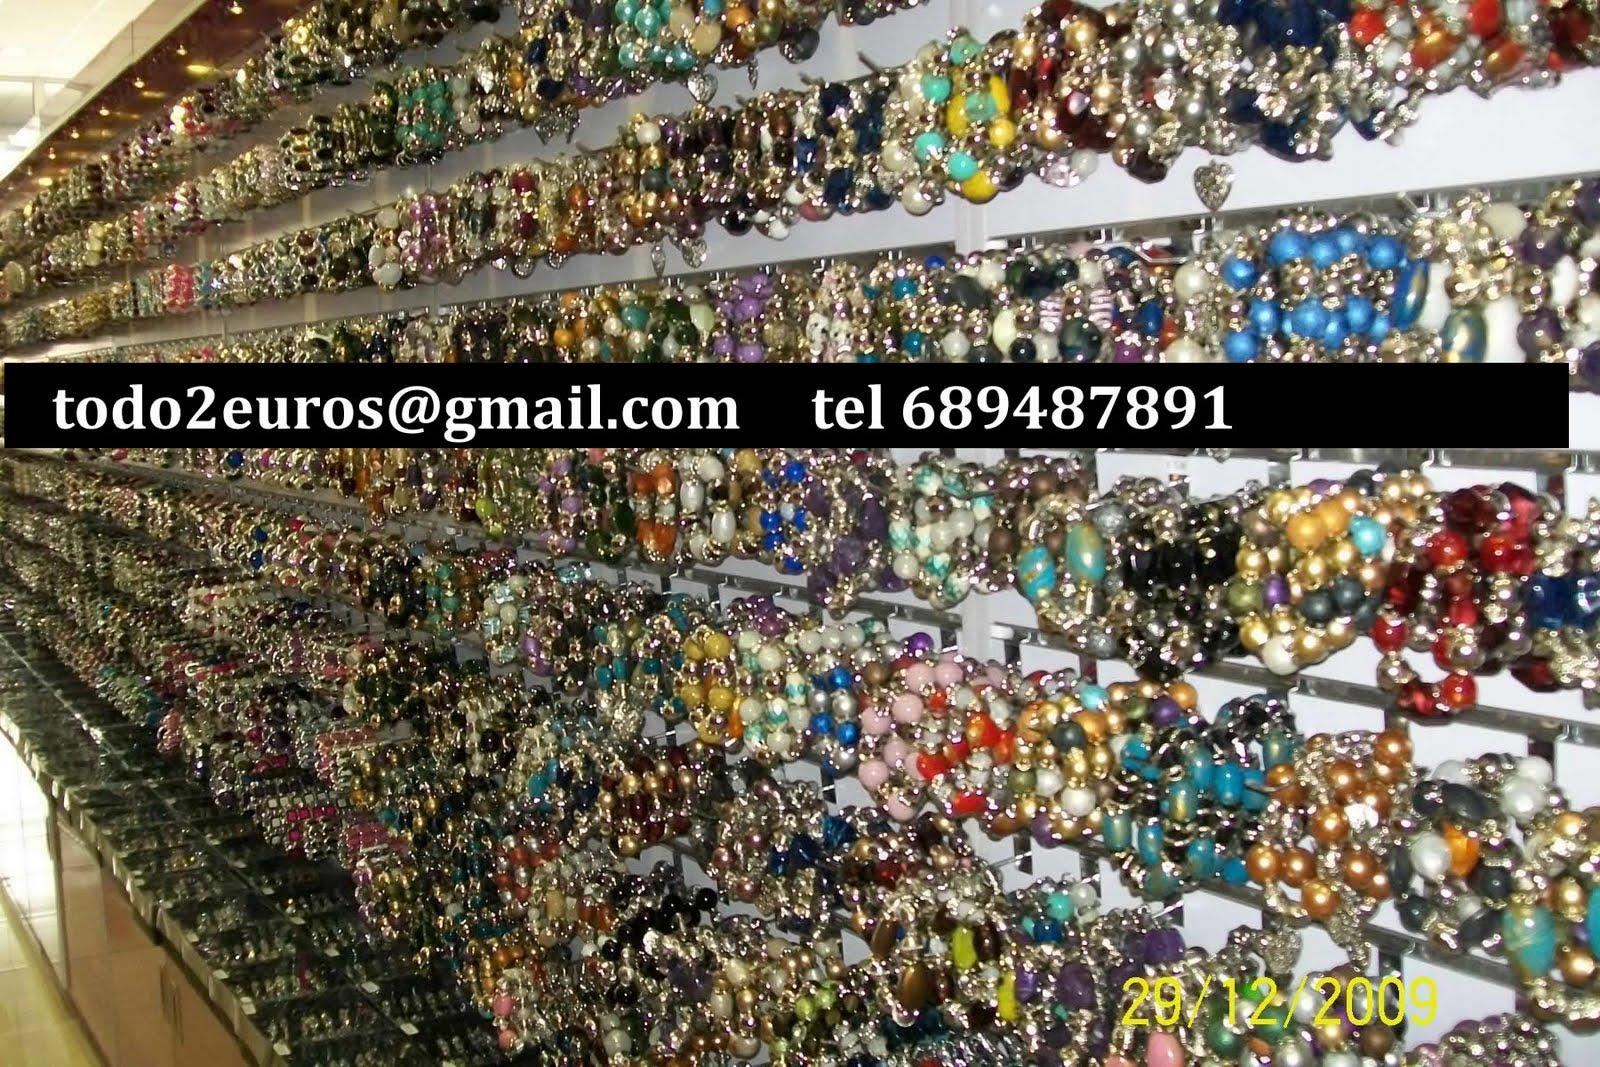 dffce33064a0 tiendas mayoristas todo a 2 euros bisuteria moda y complementos ...